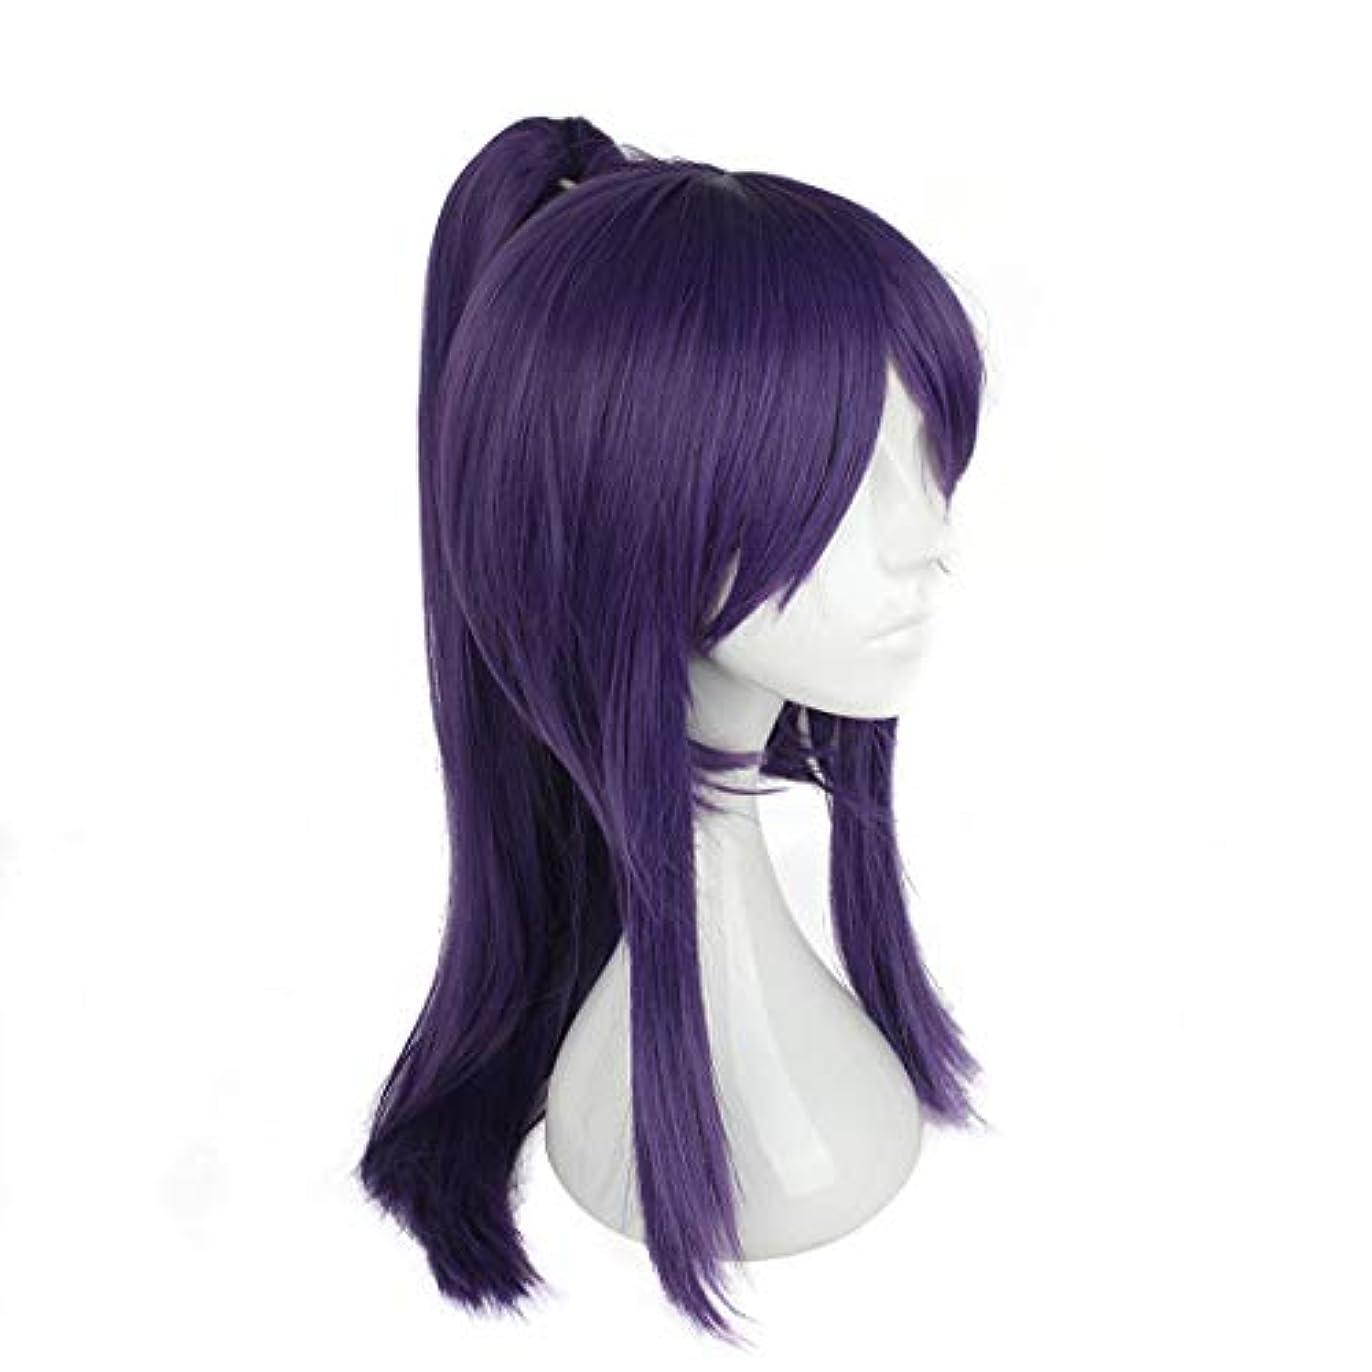 びっくり脱走曲がったJIANFU コスプレウィッグ日本サムライ服ウィッグコスプレウィッグパープルバンズロングヘア (Color : Purple)